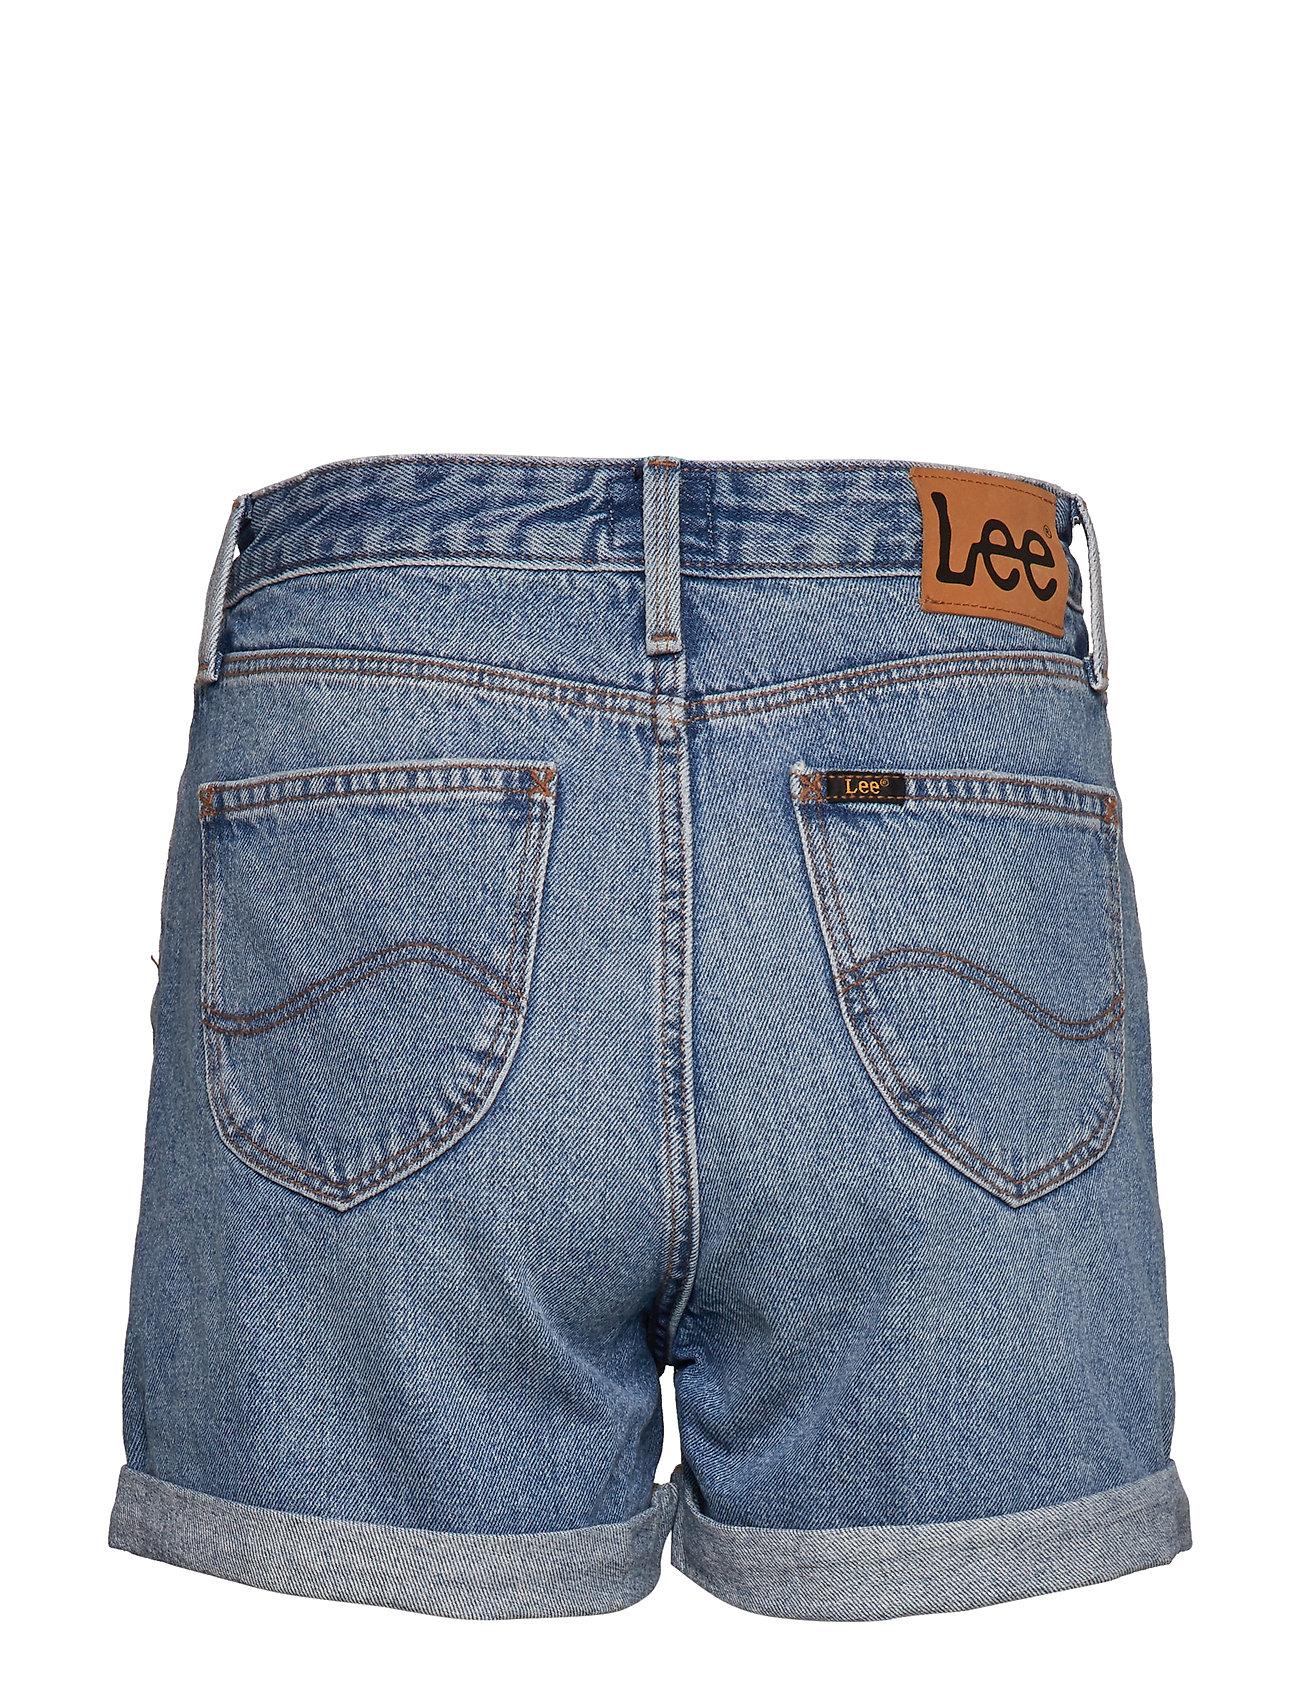 Mom Short (Get Trashed) (20.99 €) - Lee Jeans c5rMw